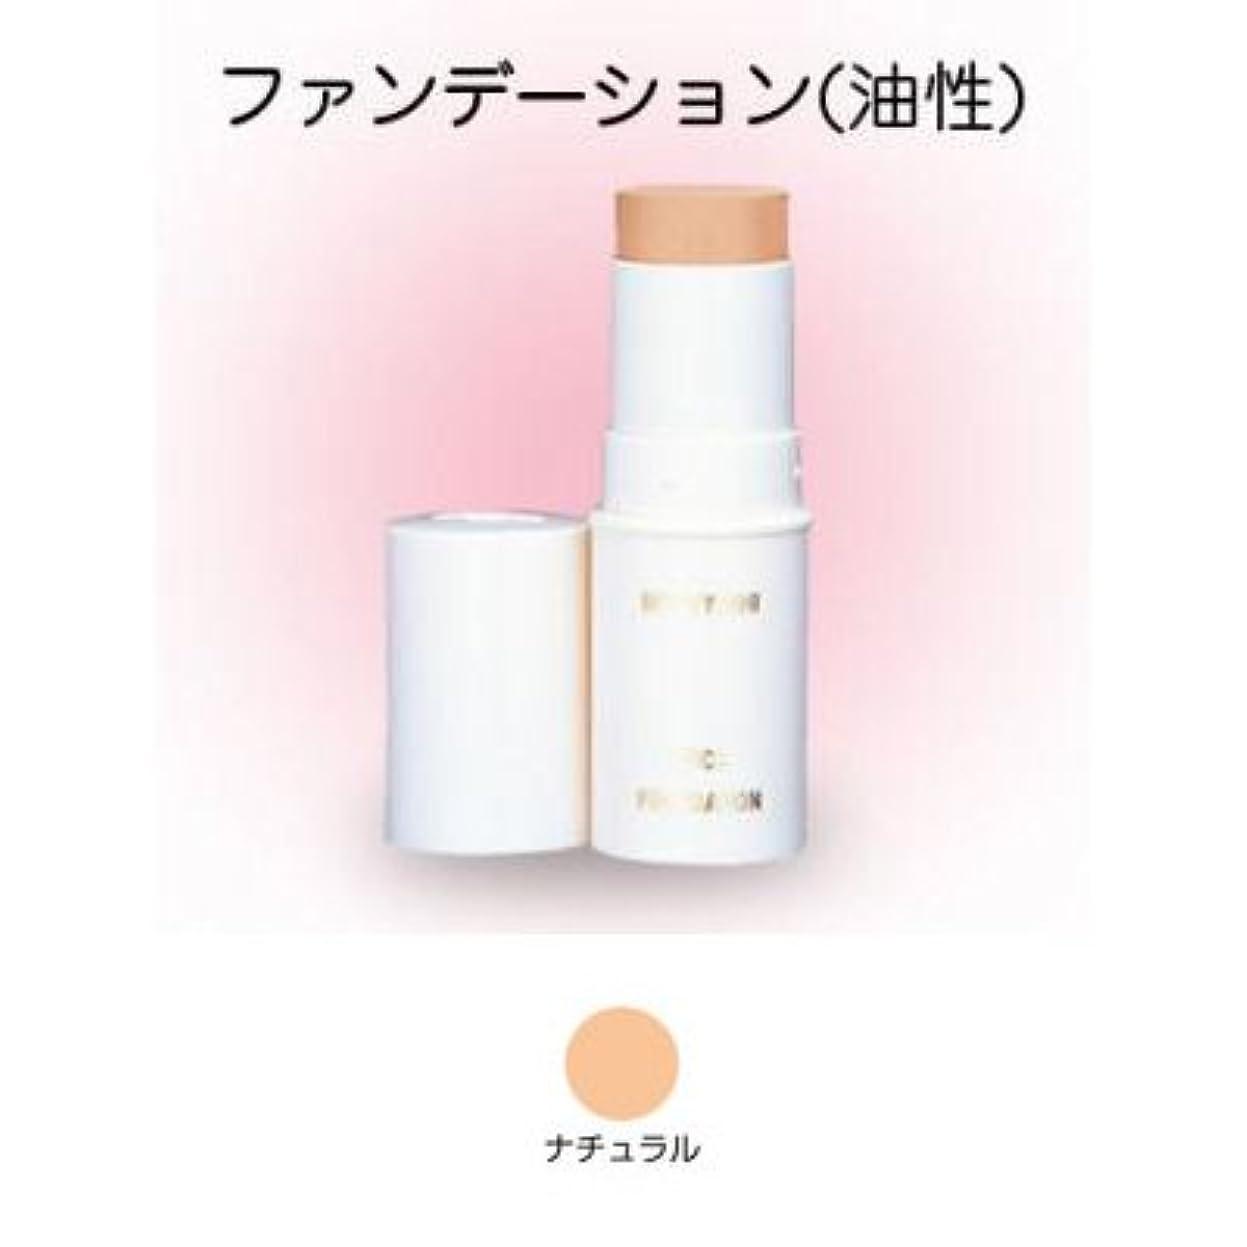 異なるもの食い違いスティックファンデーション 16g ナチュラル 【三善】